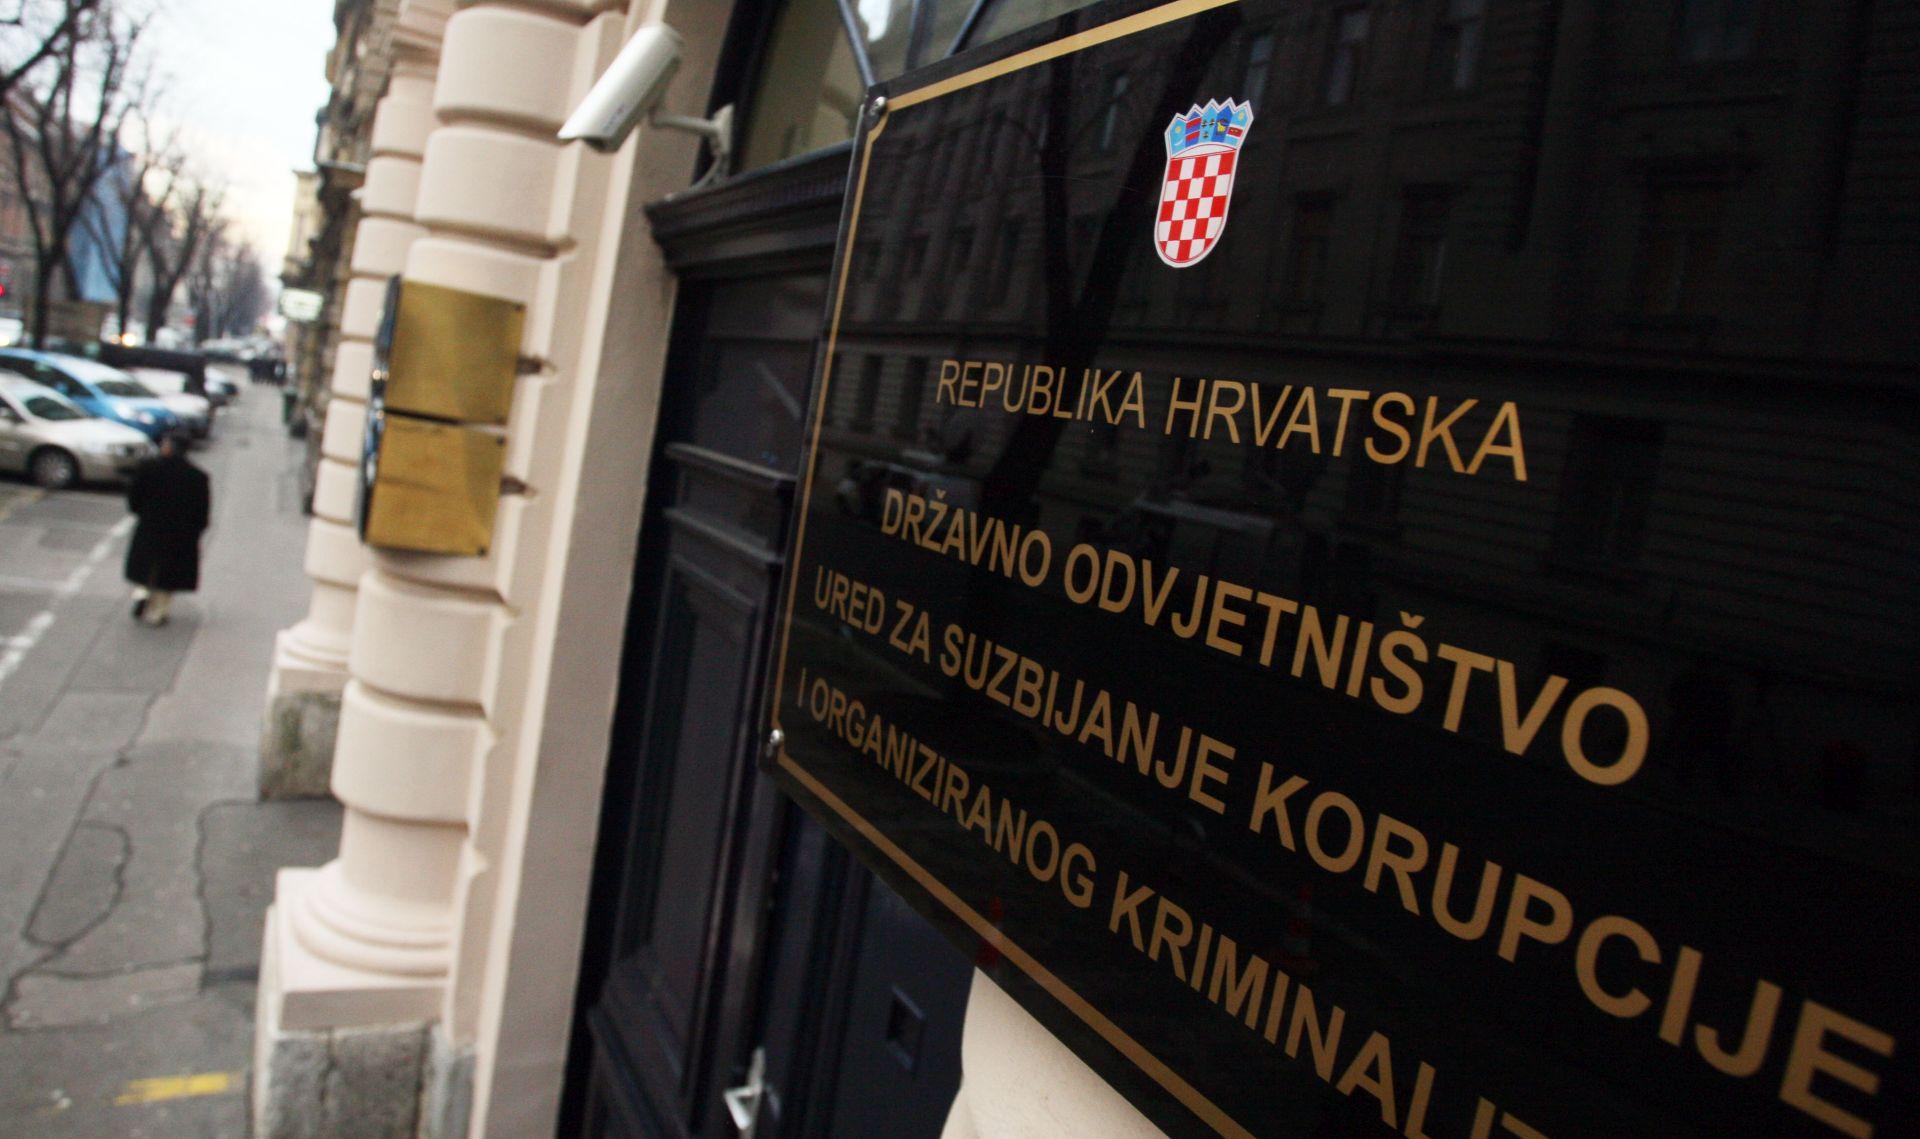 USKOK provjerava Kuščevića, Žalac, Tolušića i G. Marića